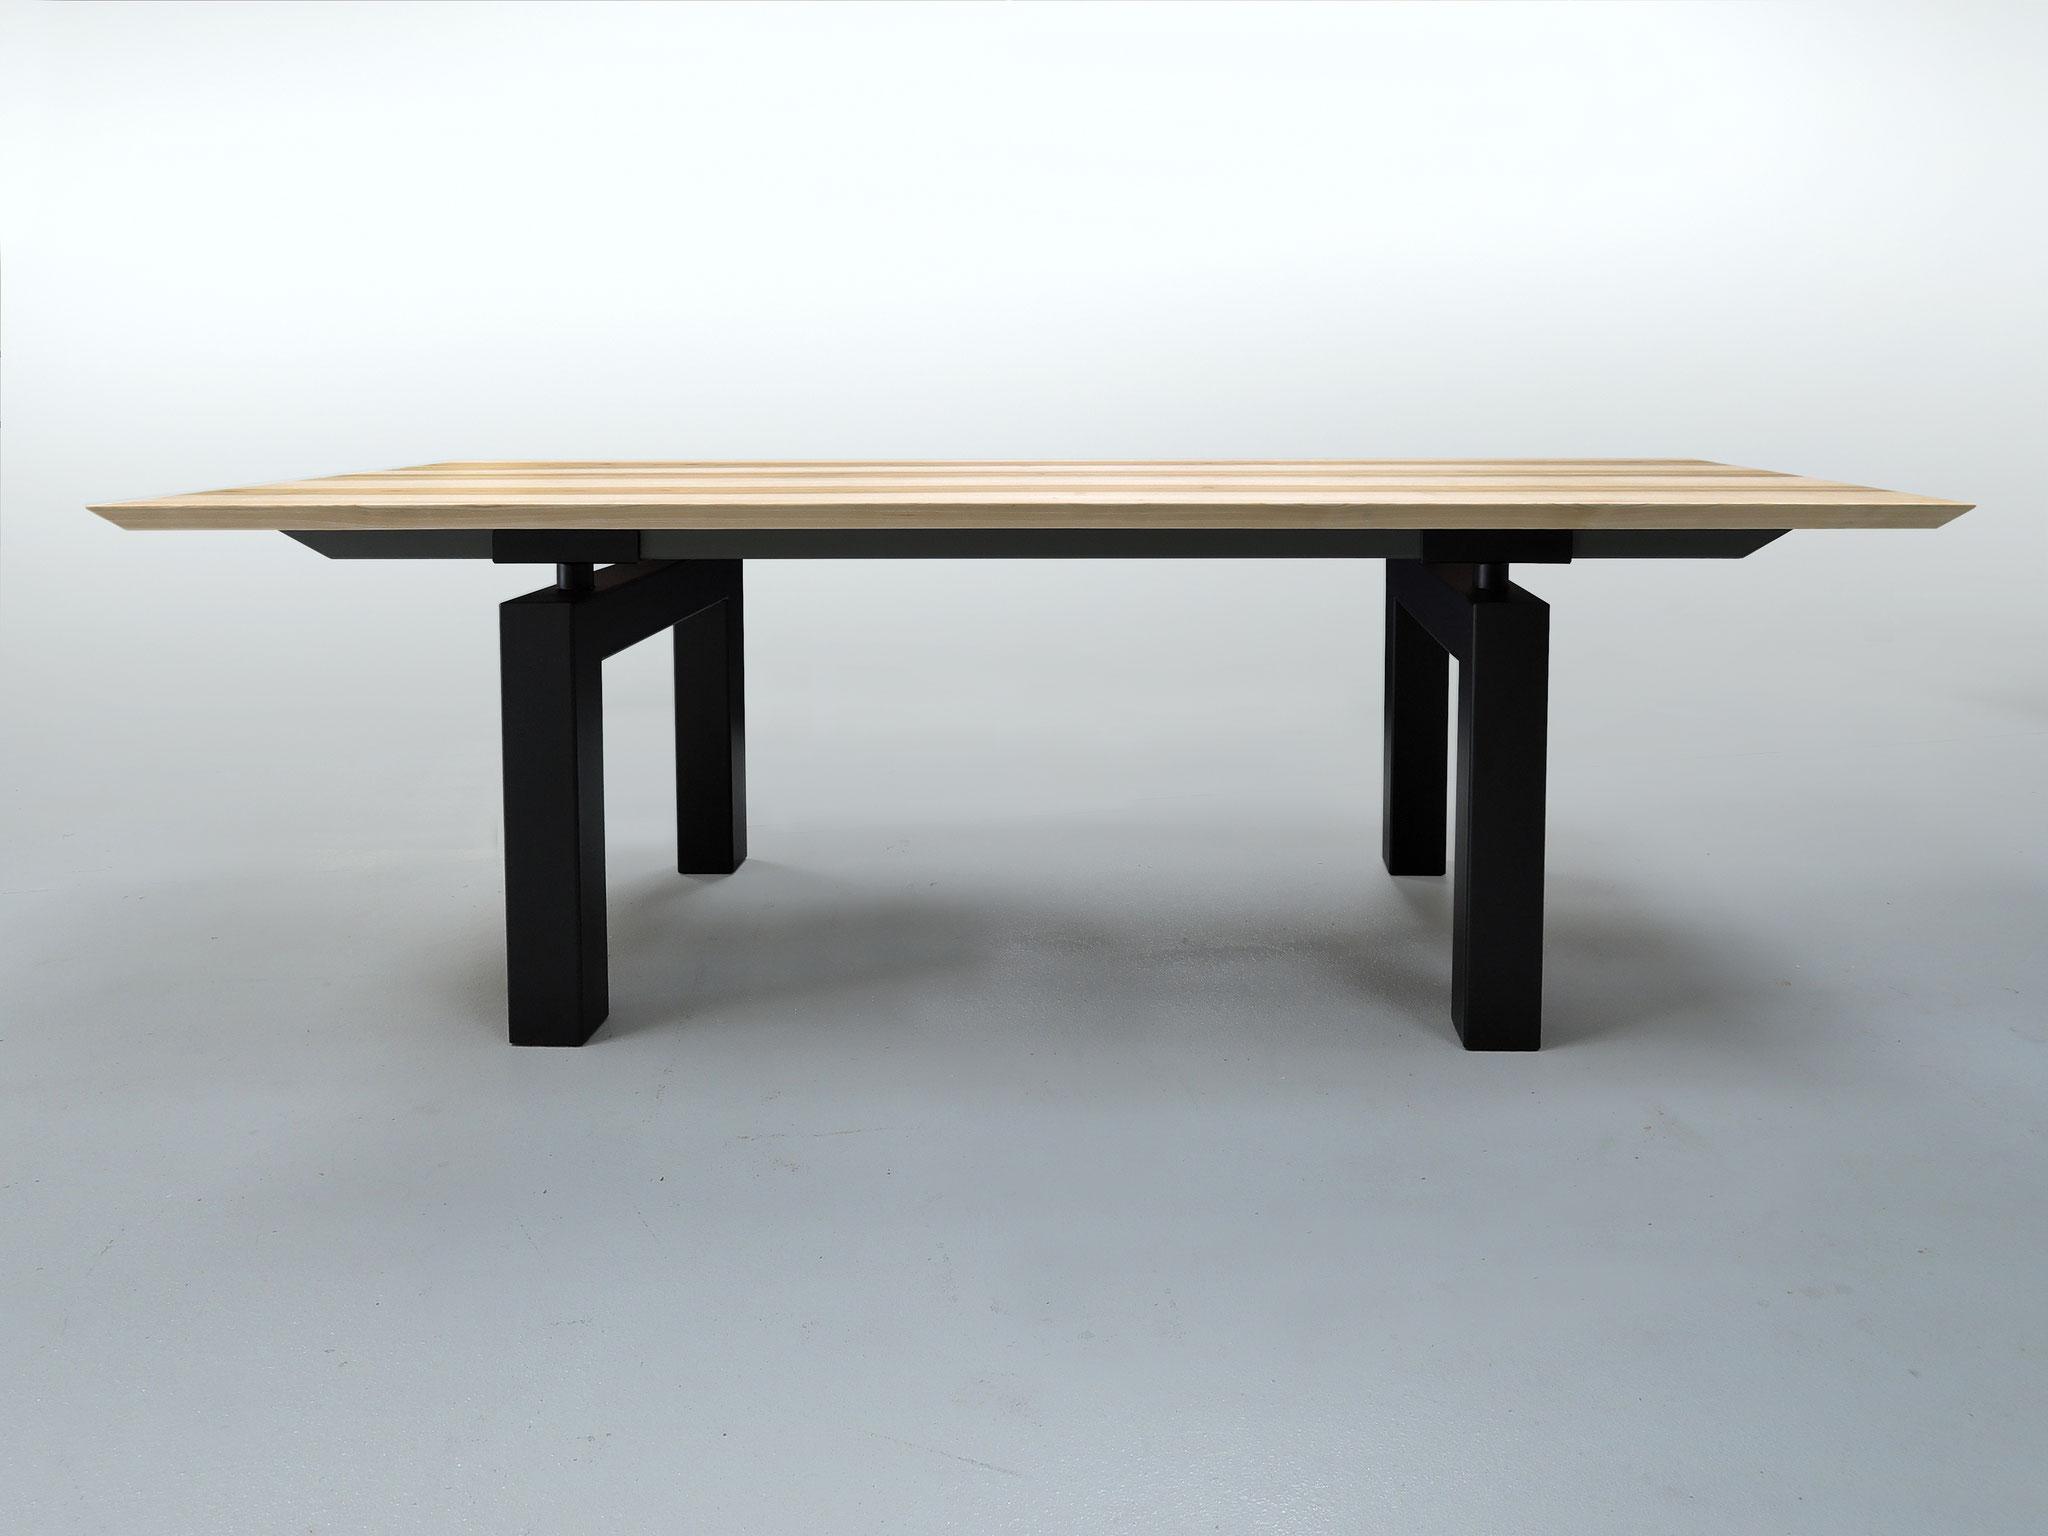 Table artisanale fabriquée en France - ARTMETA / Mobilier sur mesure